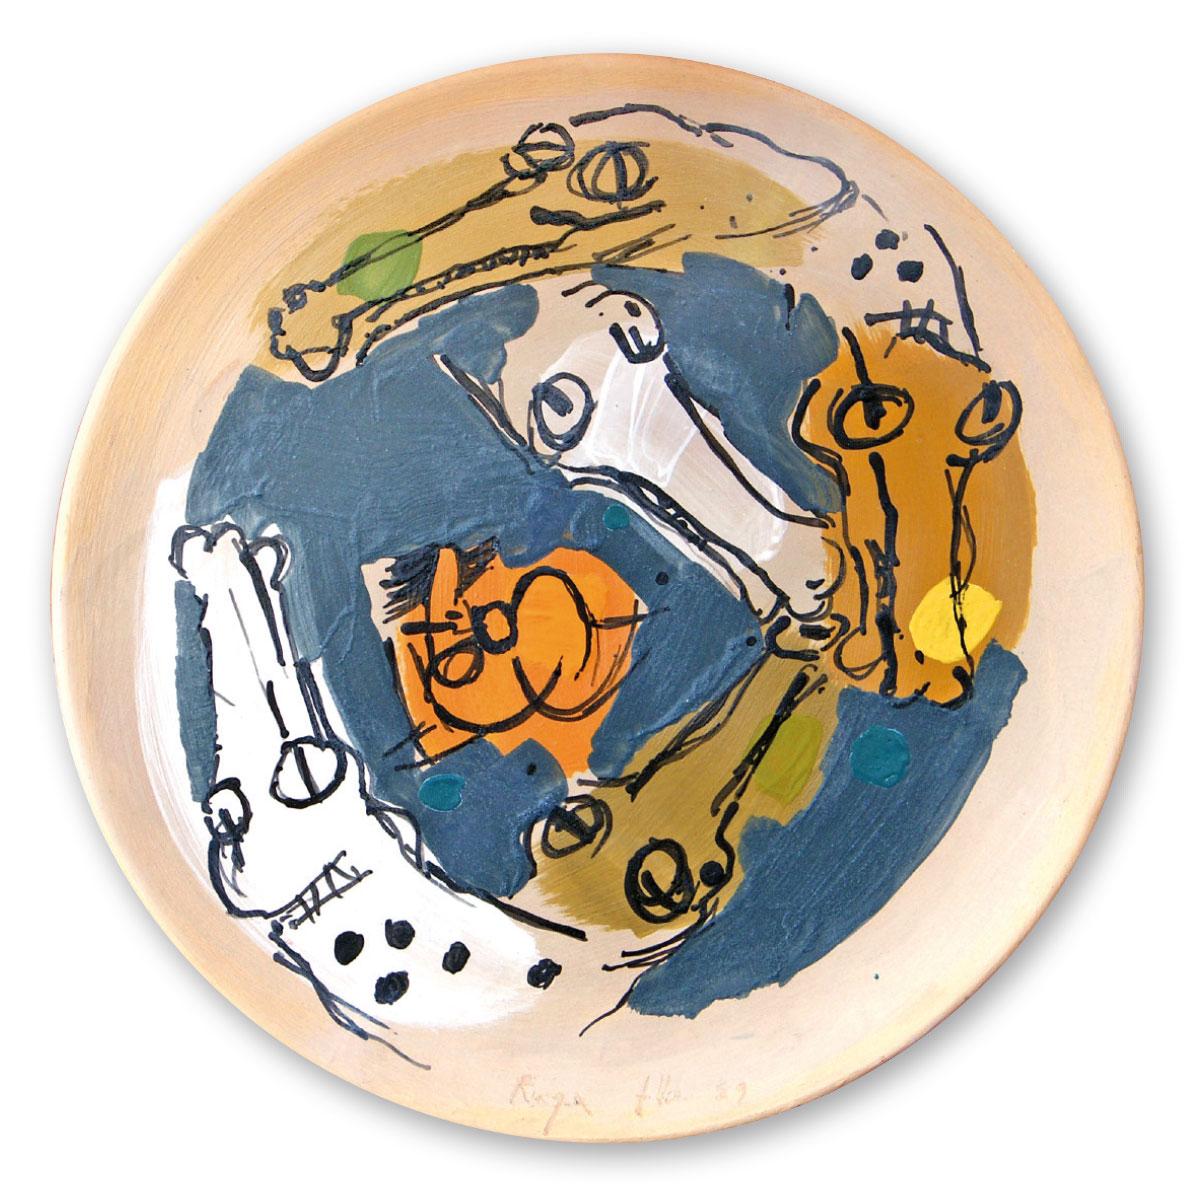 L'opera dell'artista Angelo Ruga acquisita dal Museo a cielo aperto di Denice, dedicato alla ceramica contemporanea